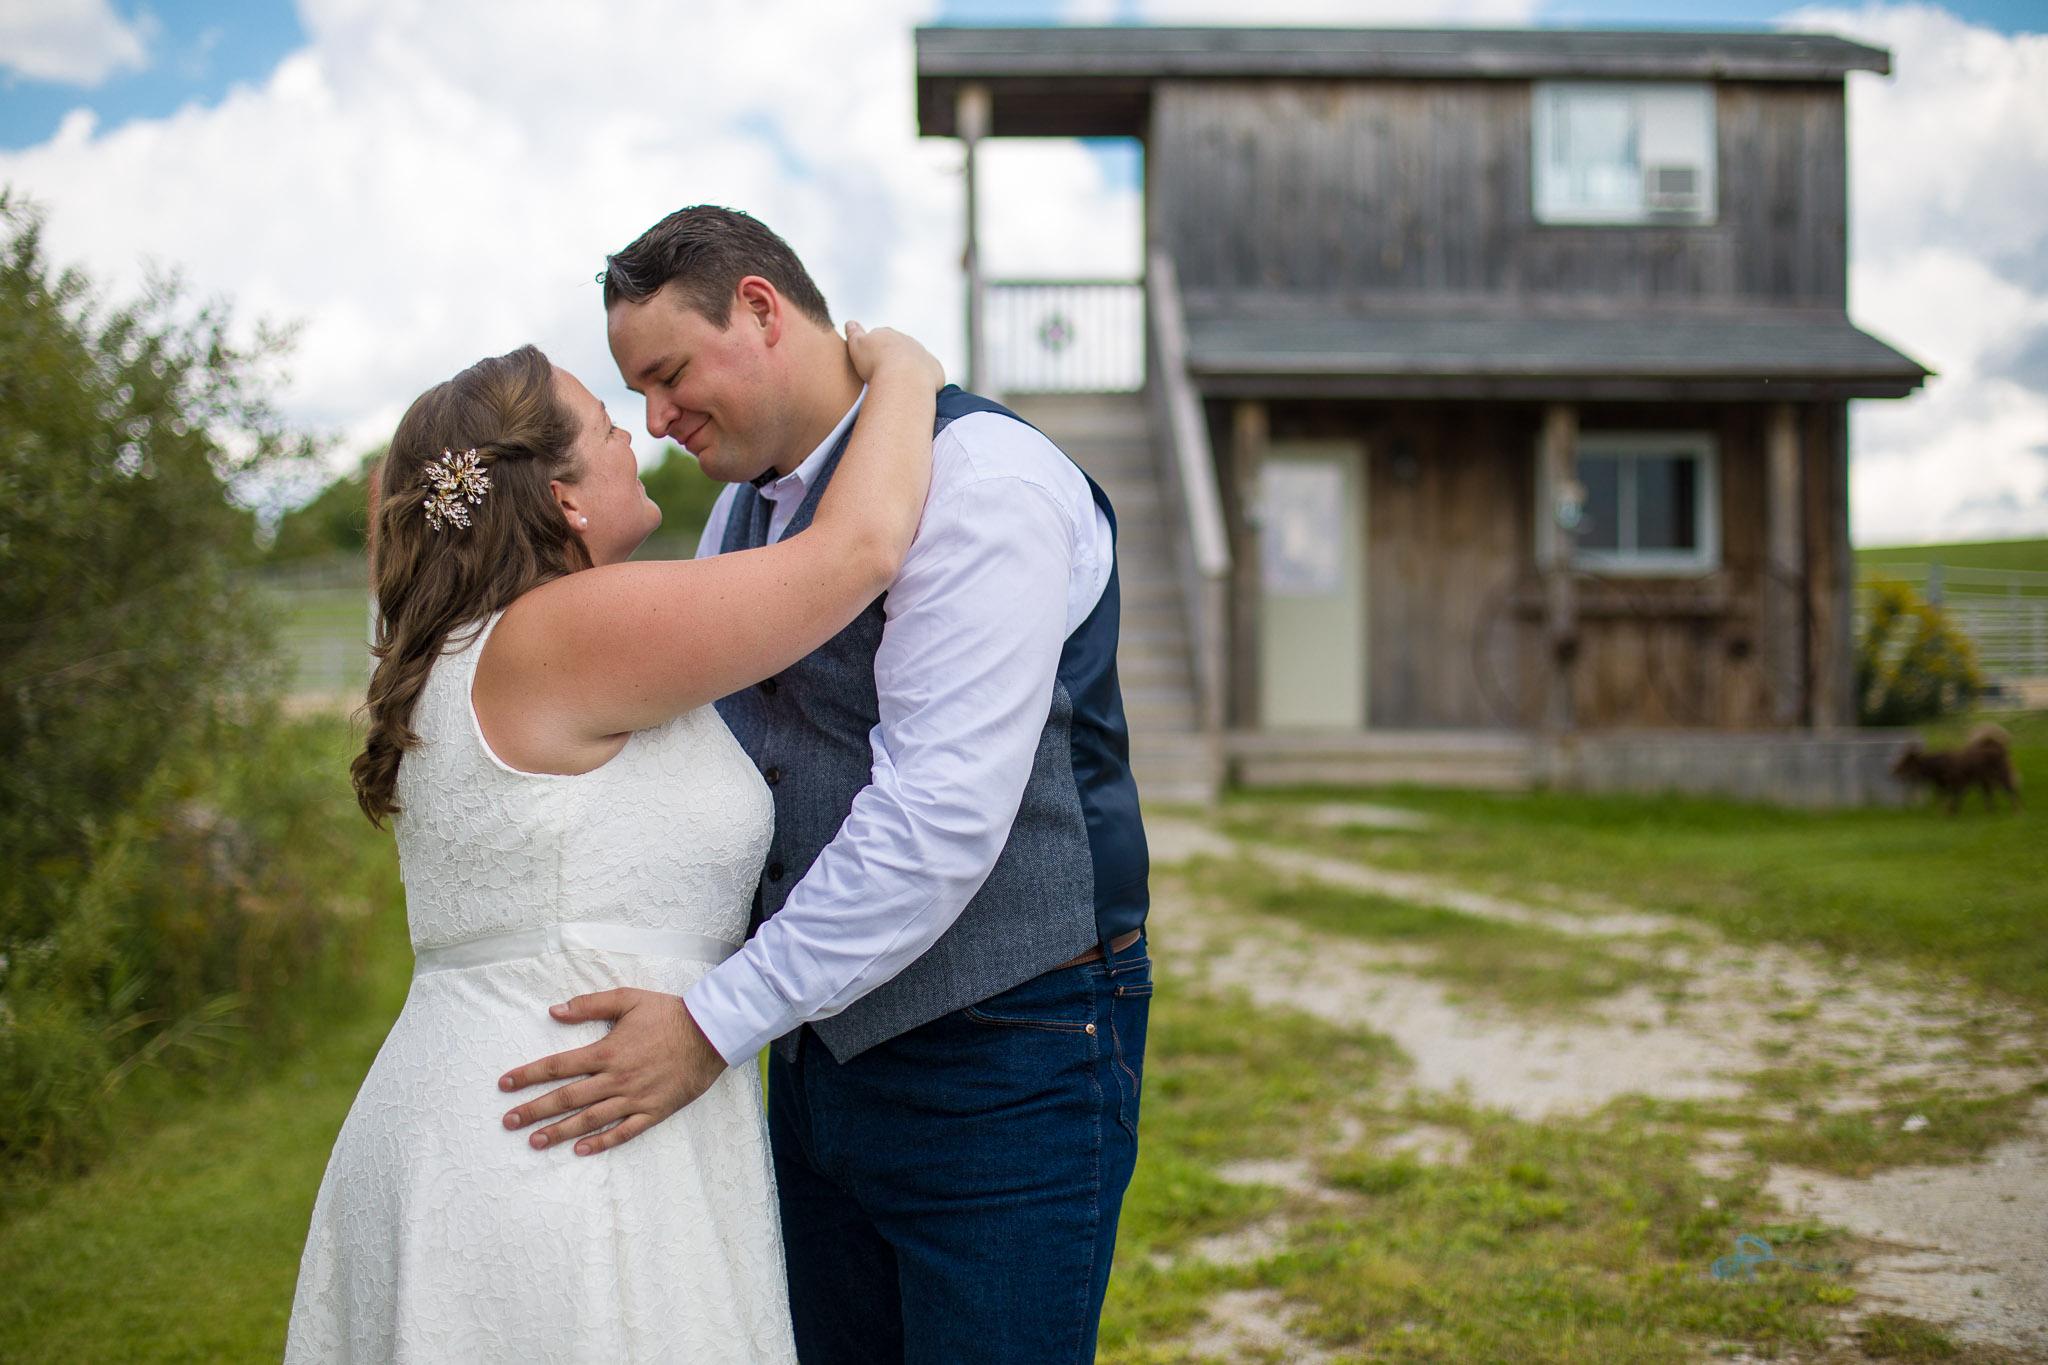 katy-aleks-wedding-shayne-gray-7078.jpg